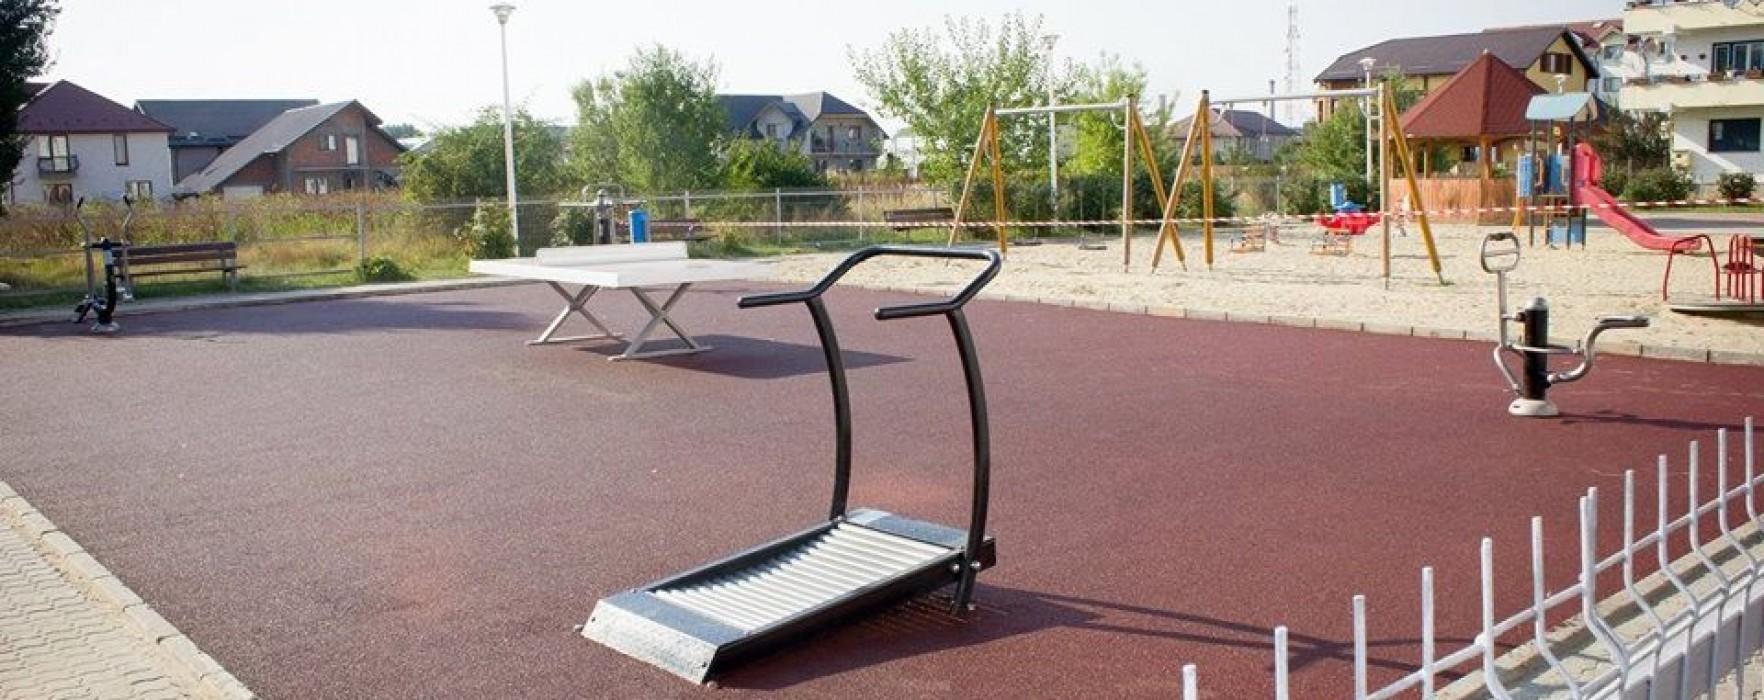 Titu: Aparate de fitness în aer liber, montate în oraş